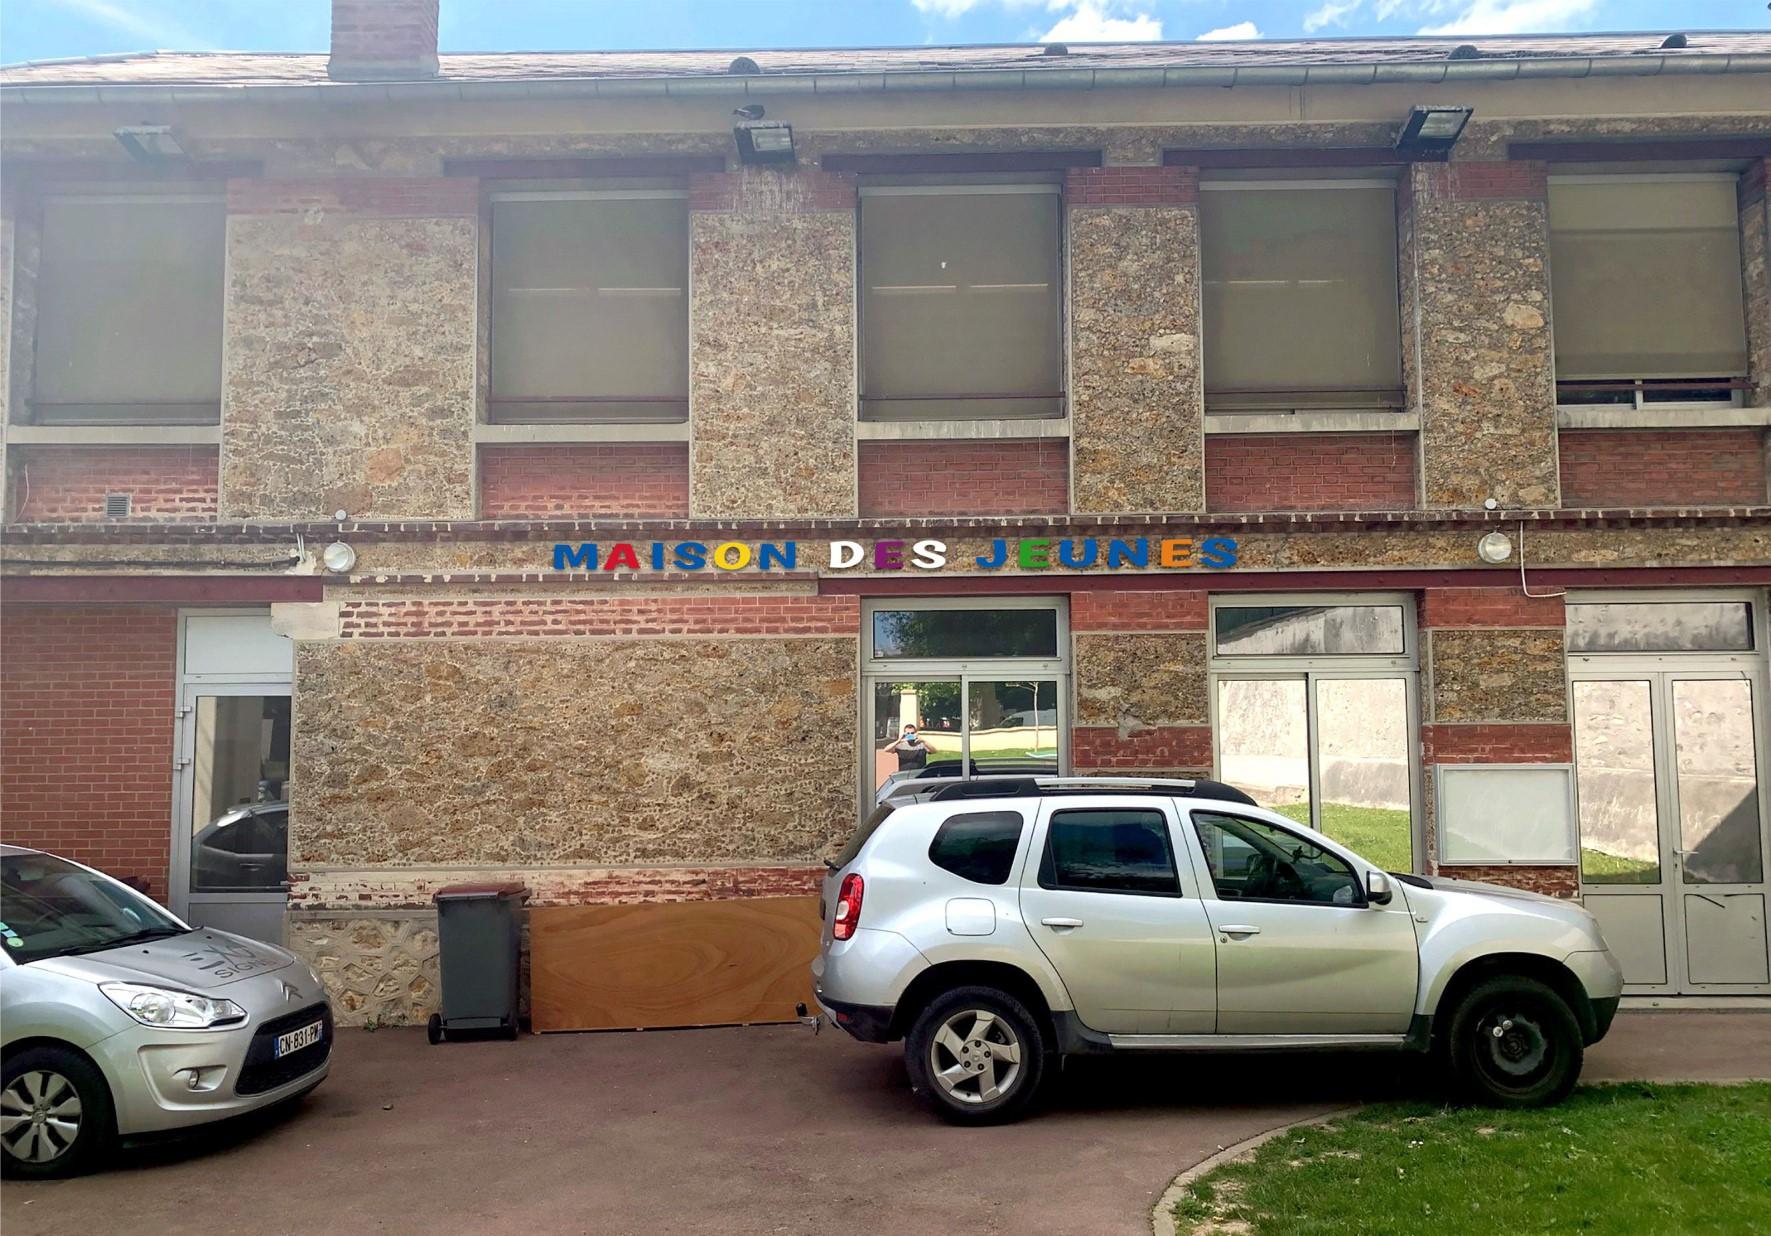 Maison des jeunes de Lagny sur Marne